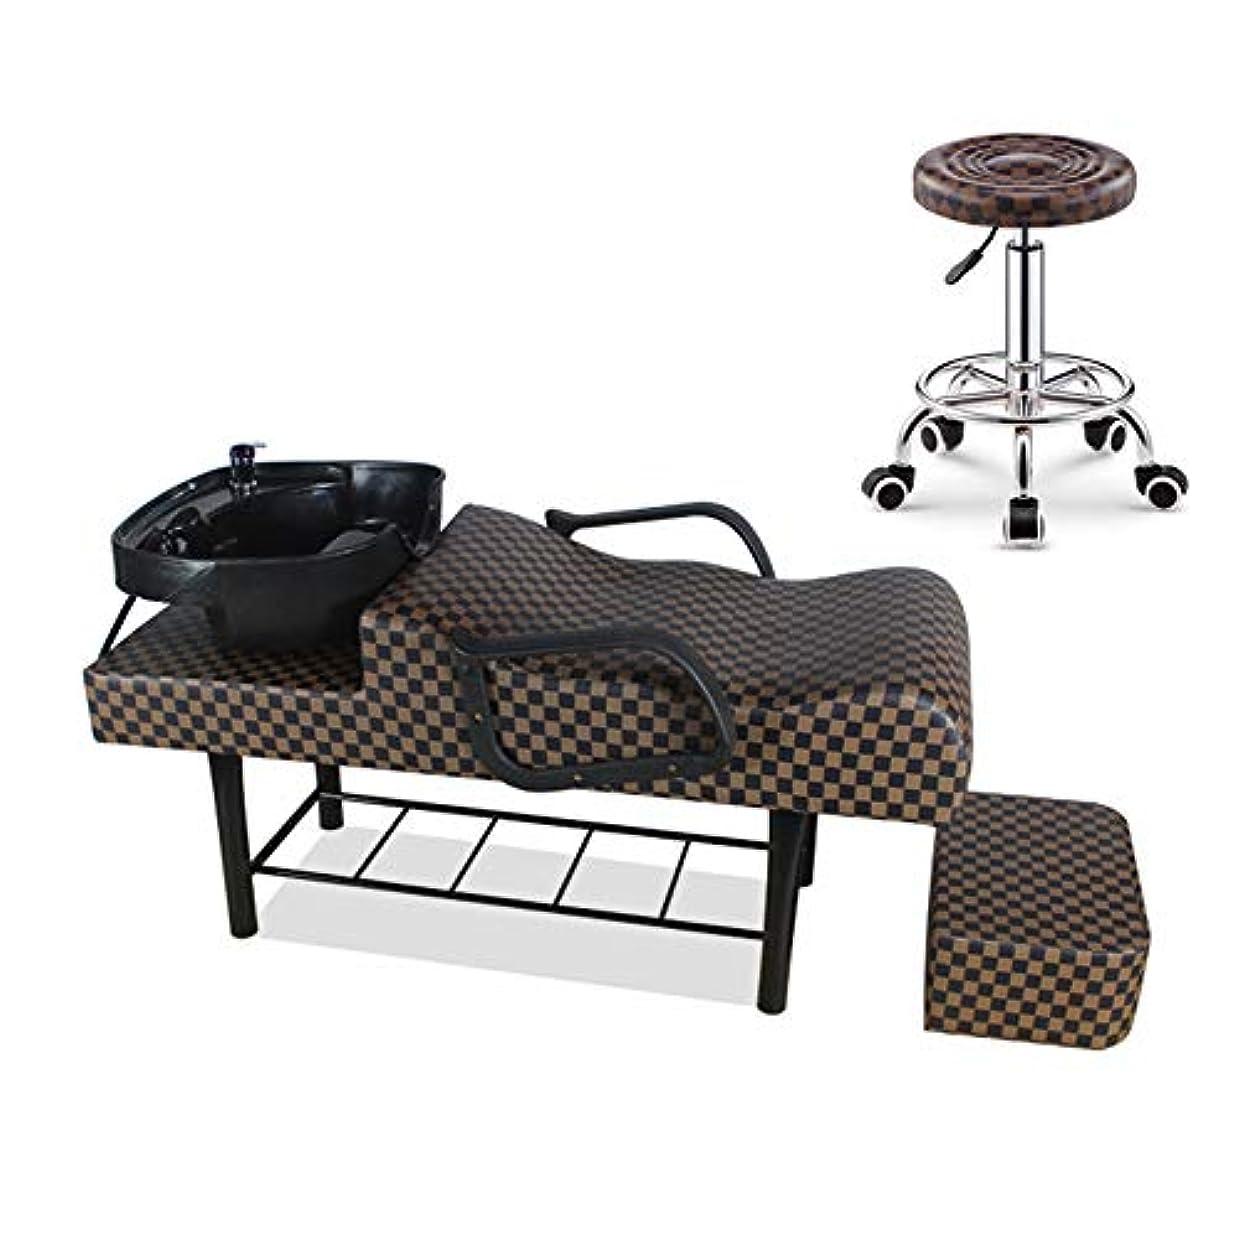 海外で近代化するアルプスシャンプーの理髪師の逆洗の椅子、スパ美容院パンチベッドフラッシングベッド用シャンプーボウルシンクチェア